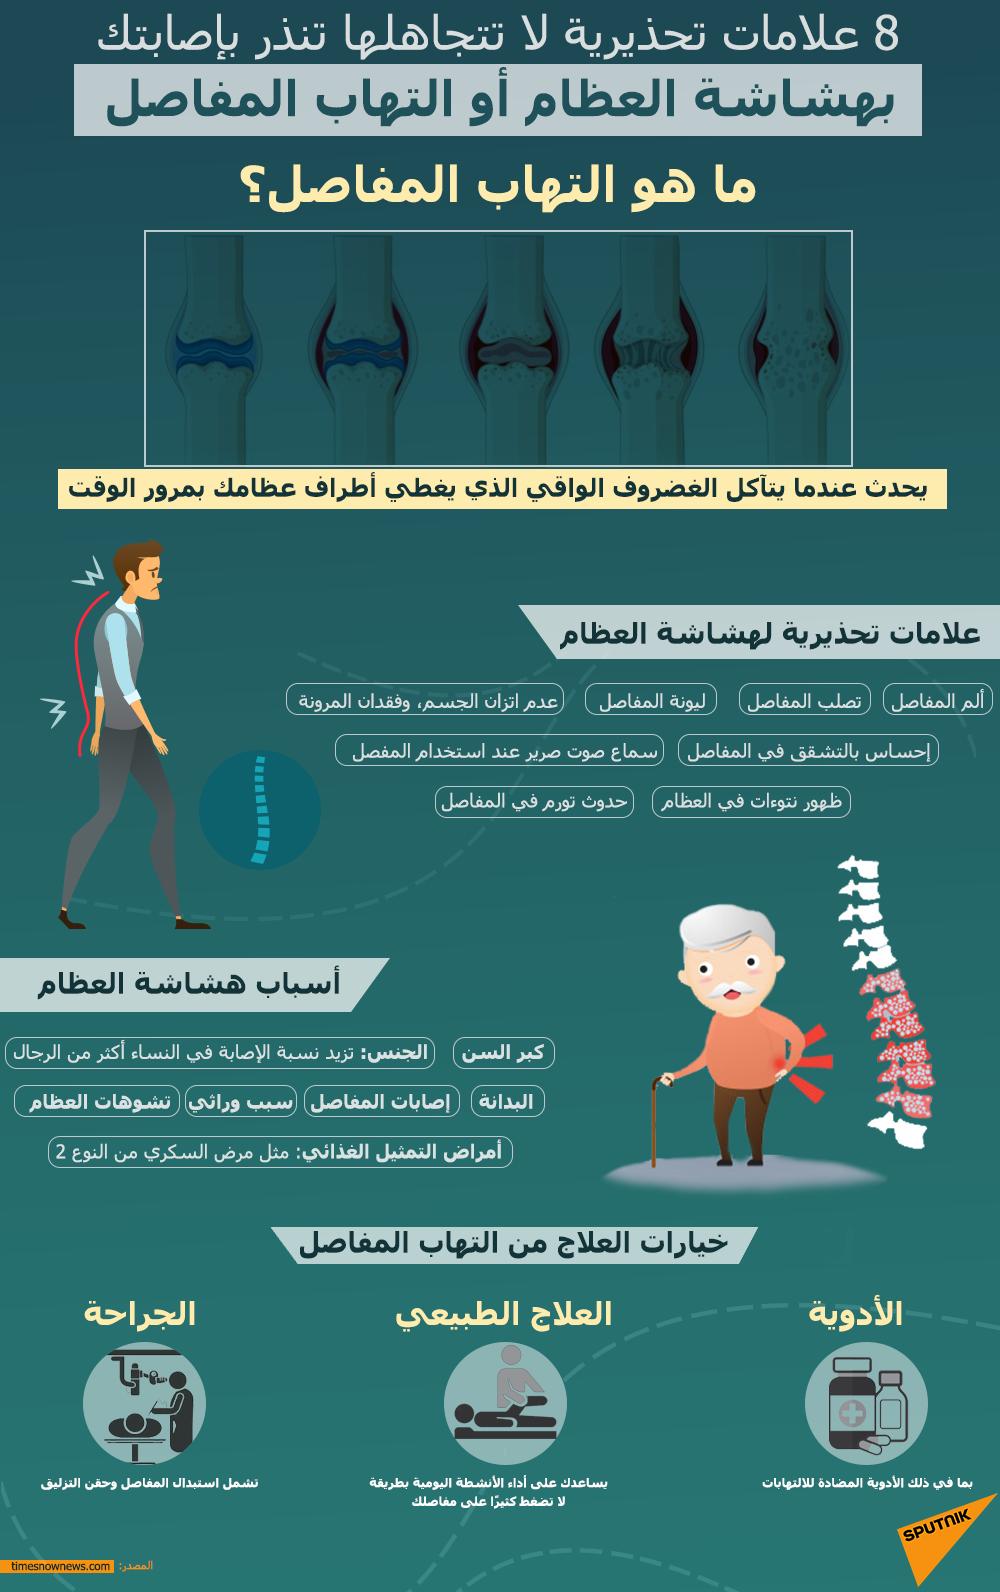 علامات التهاب المفاصل وهشاشة العظام